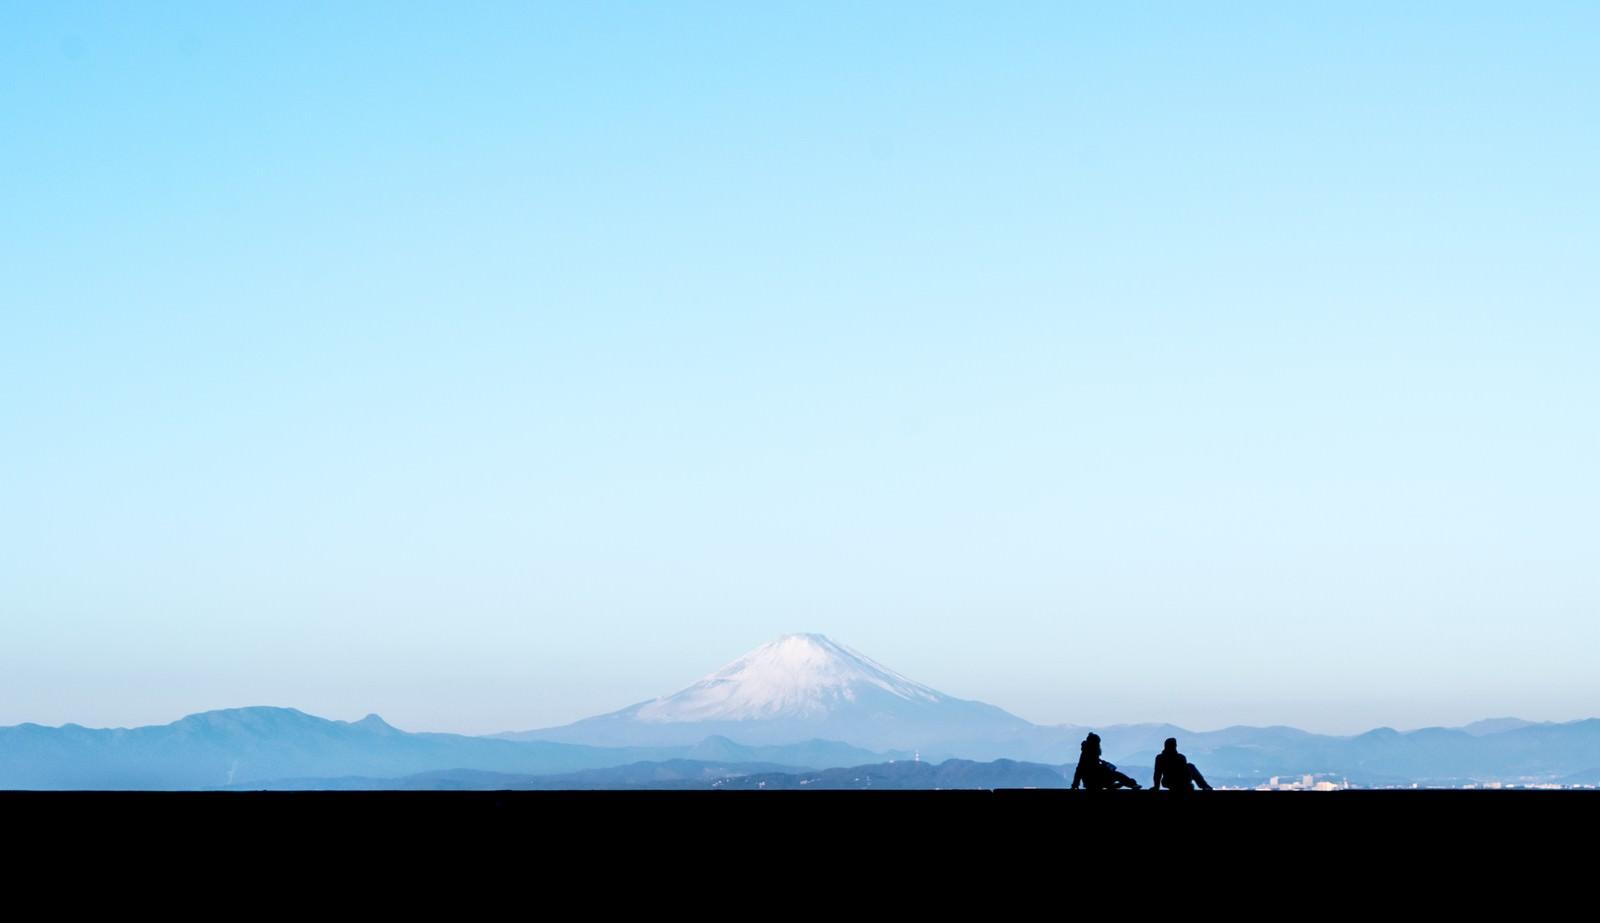 「富士山を見るカップルのシルエット」の写真